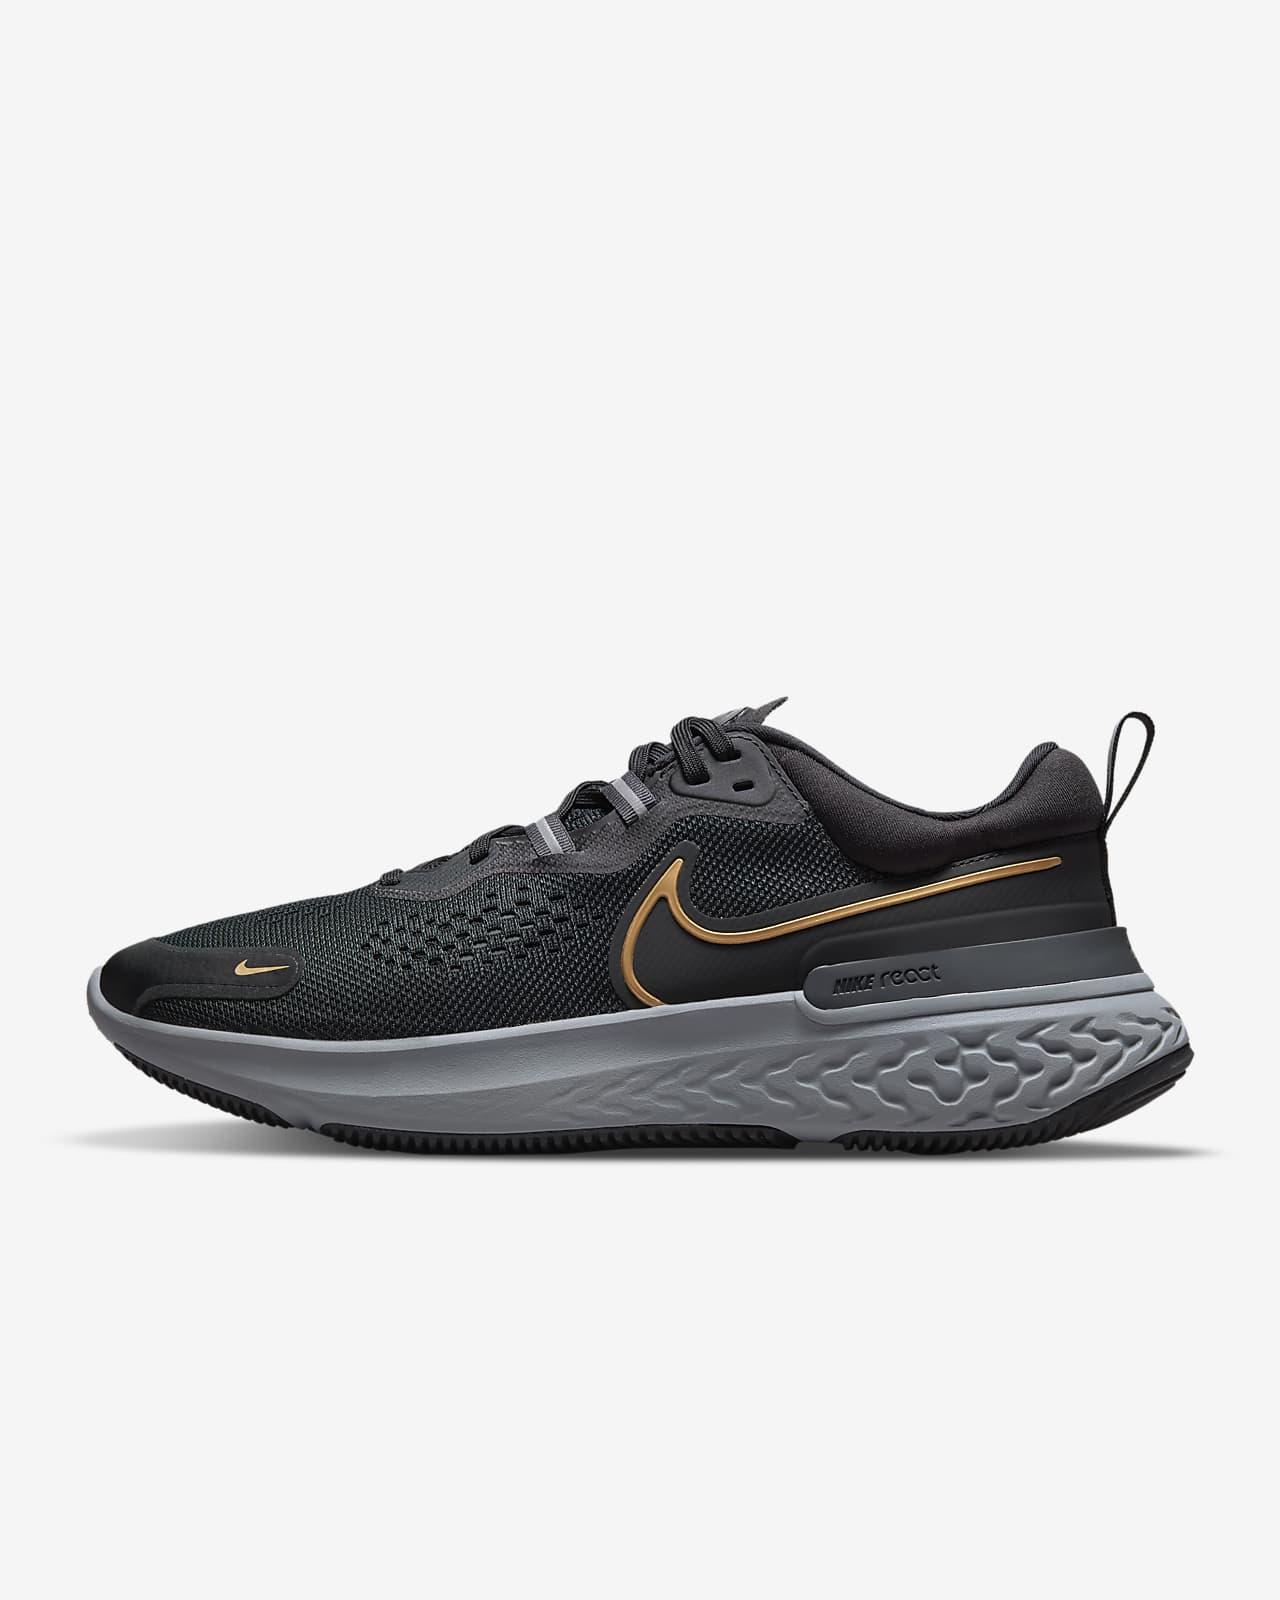 Chaussures de running sur route Nike React Miler 2 pour Homme